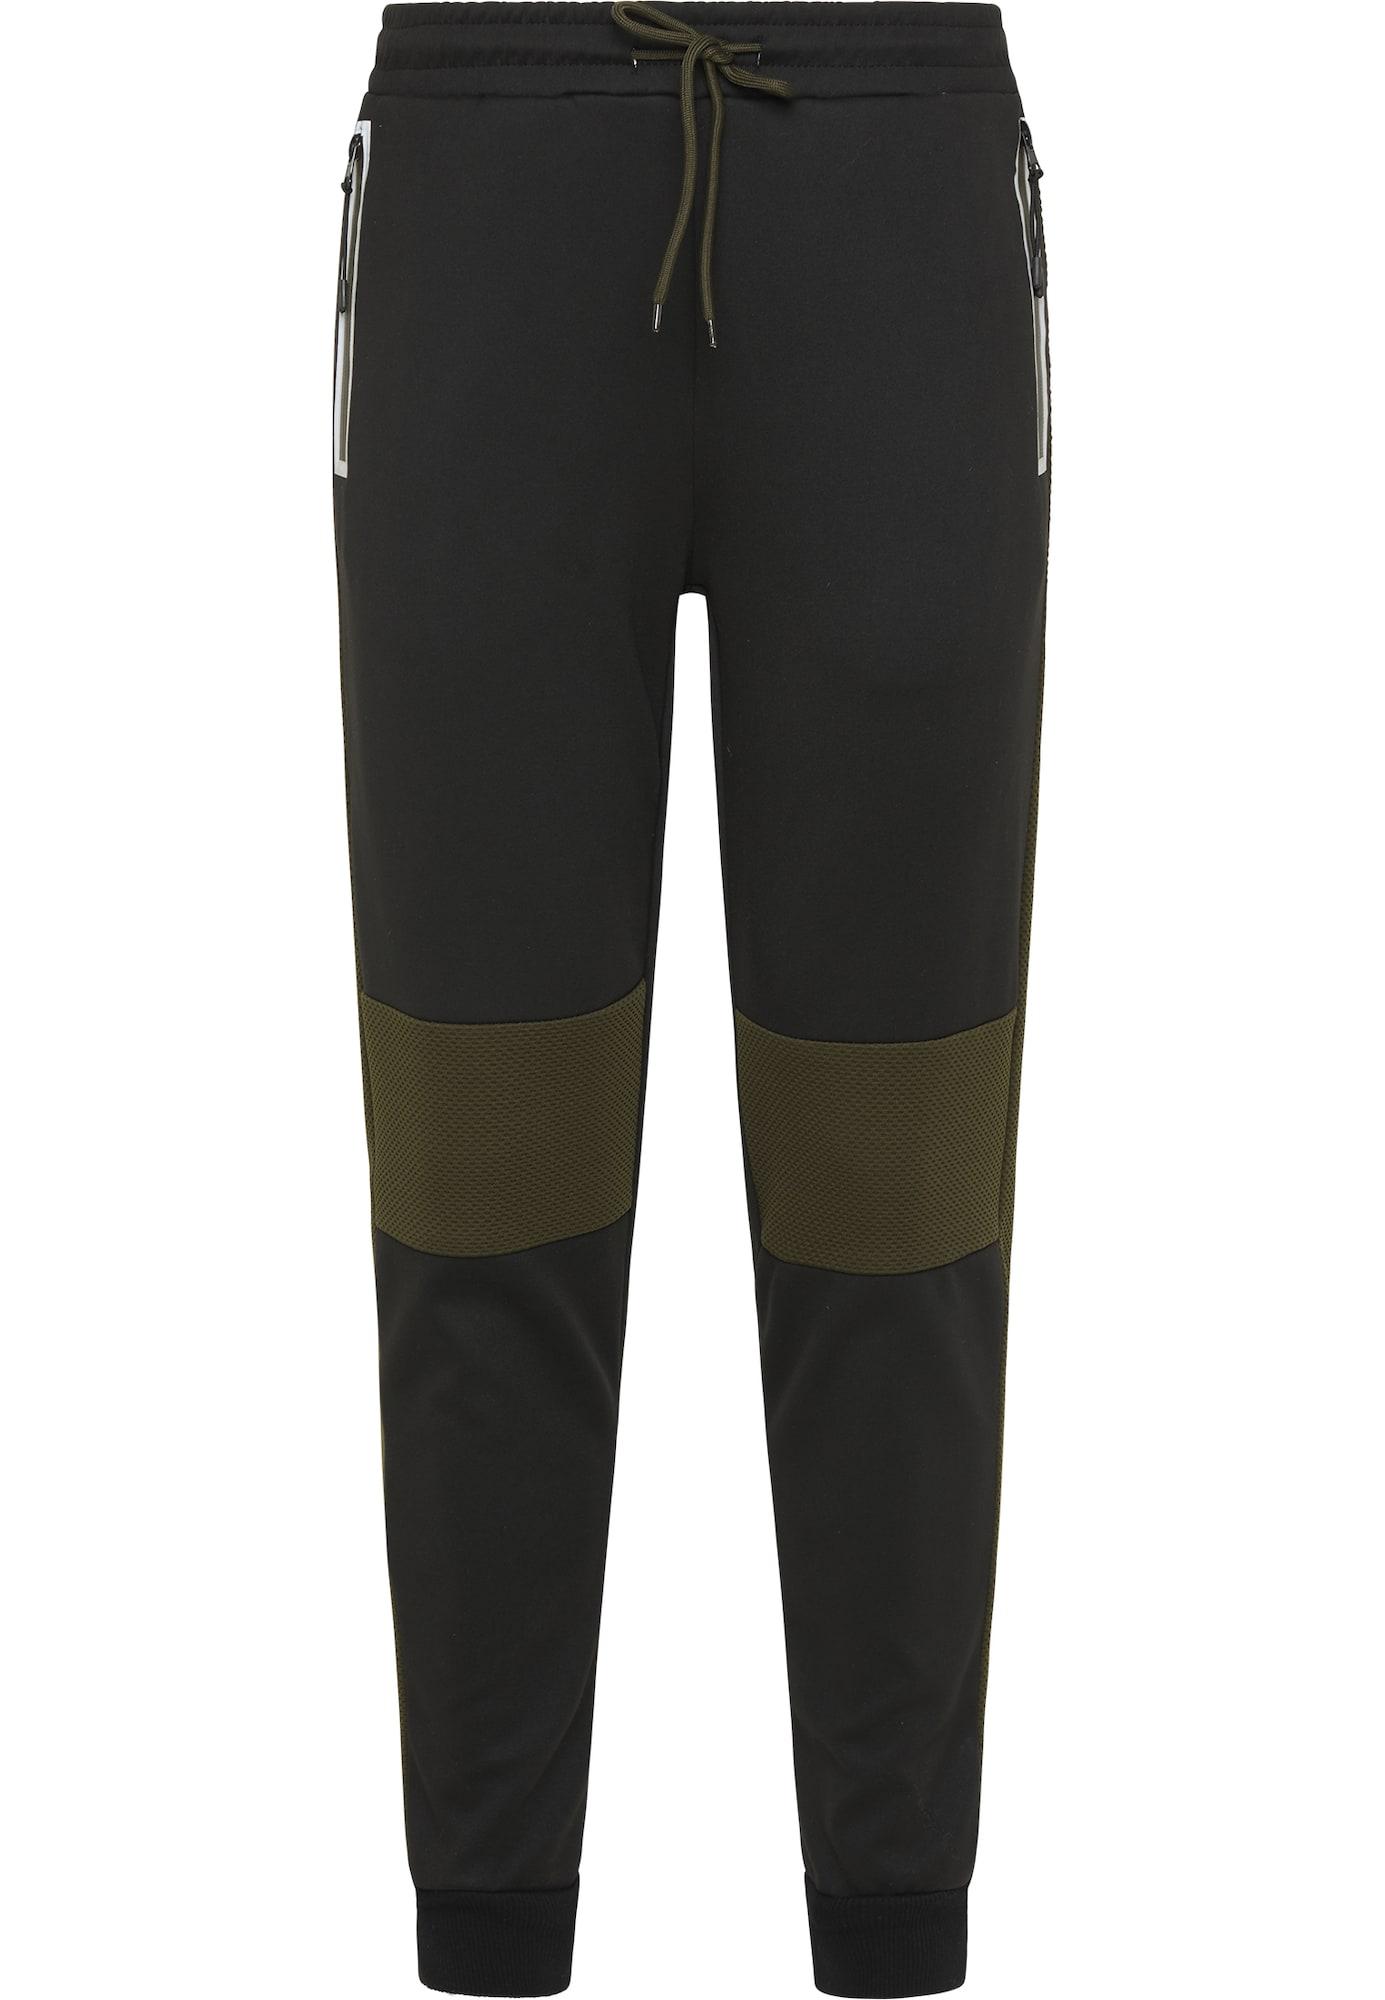 Mo SPORTS Kelnės juoda / alyvuogių spalva